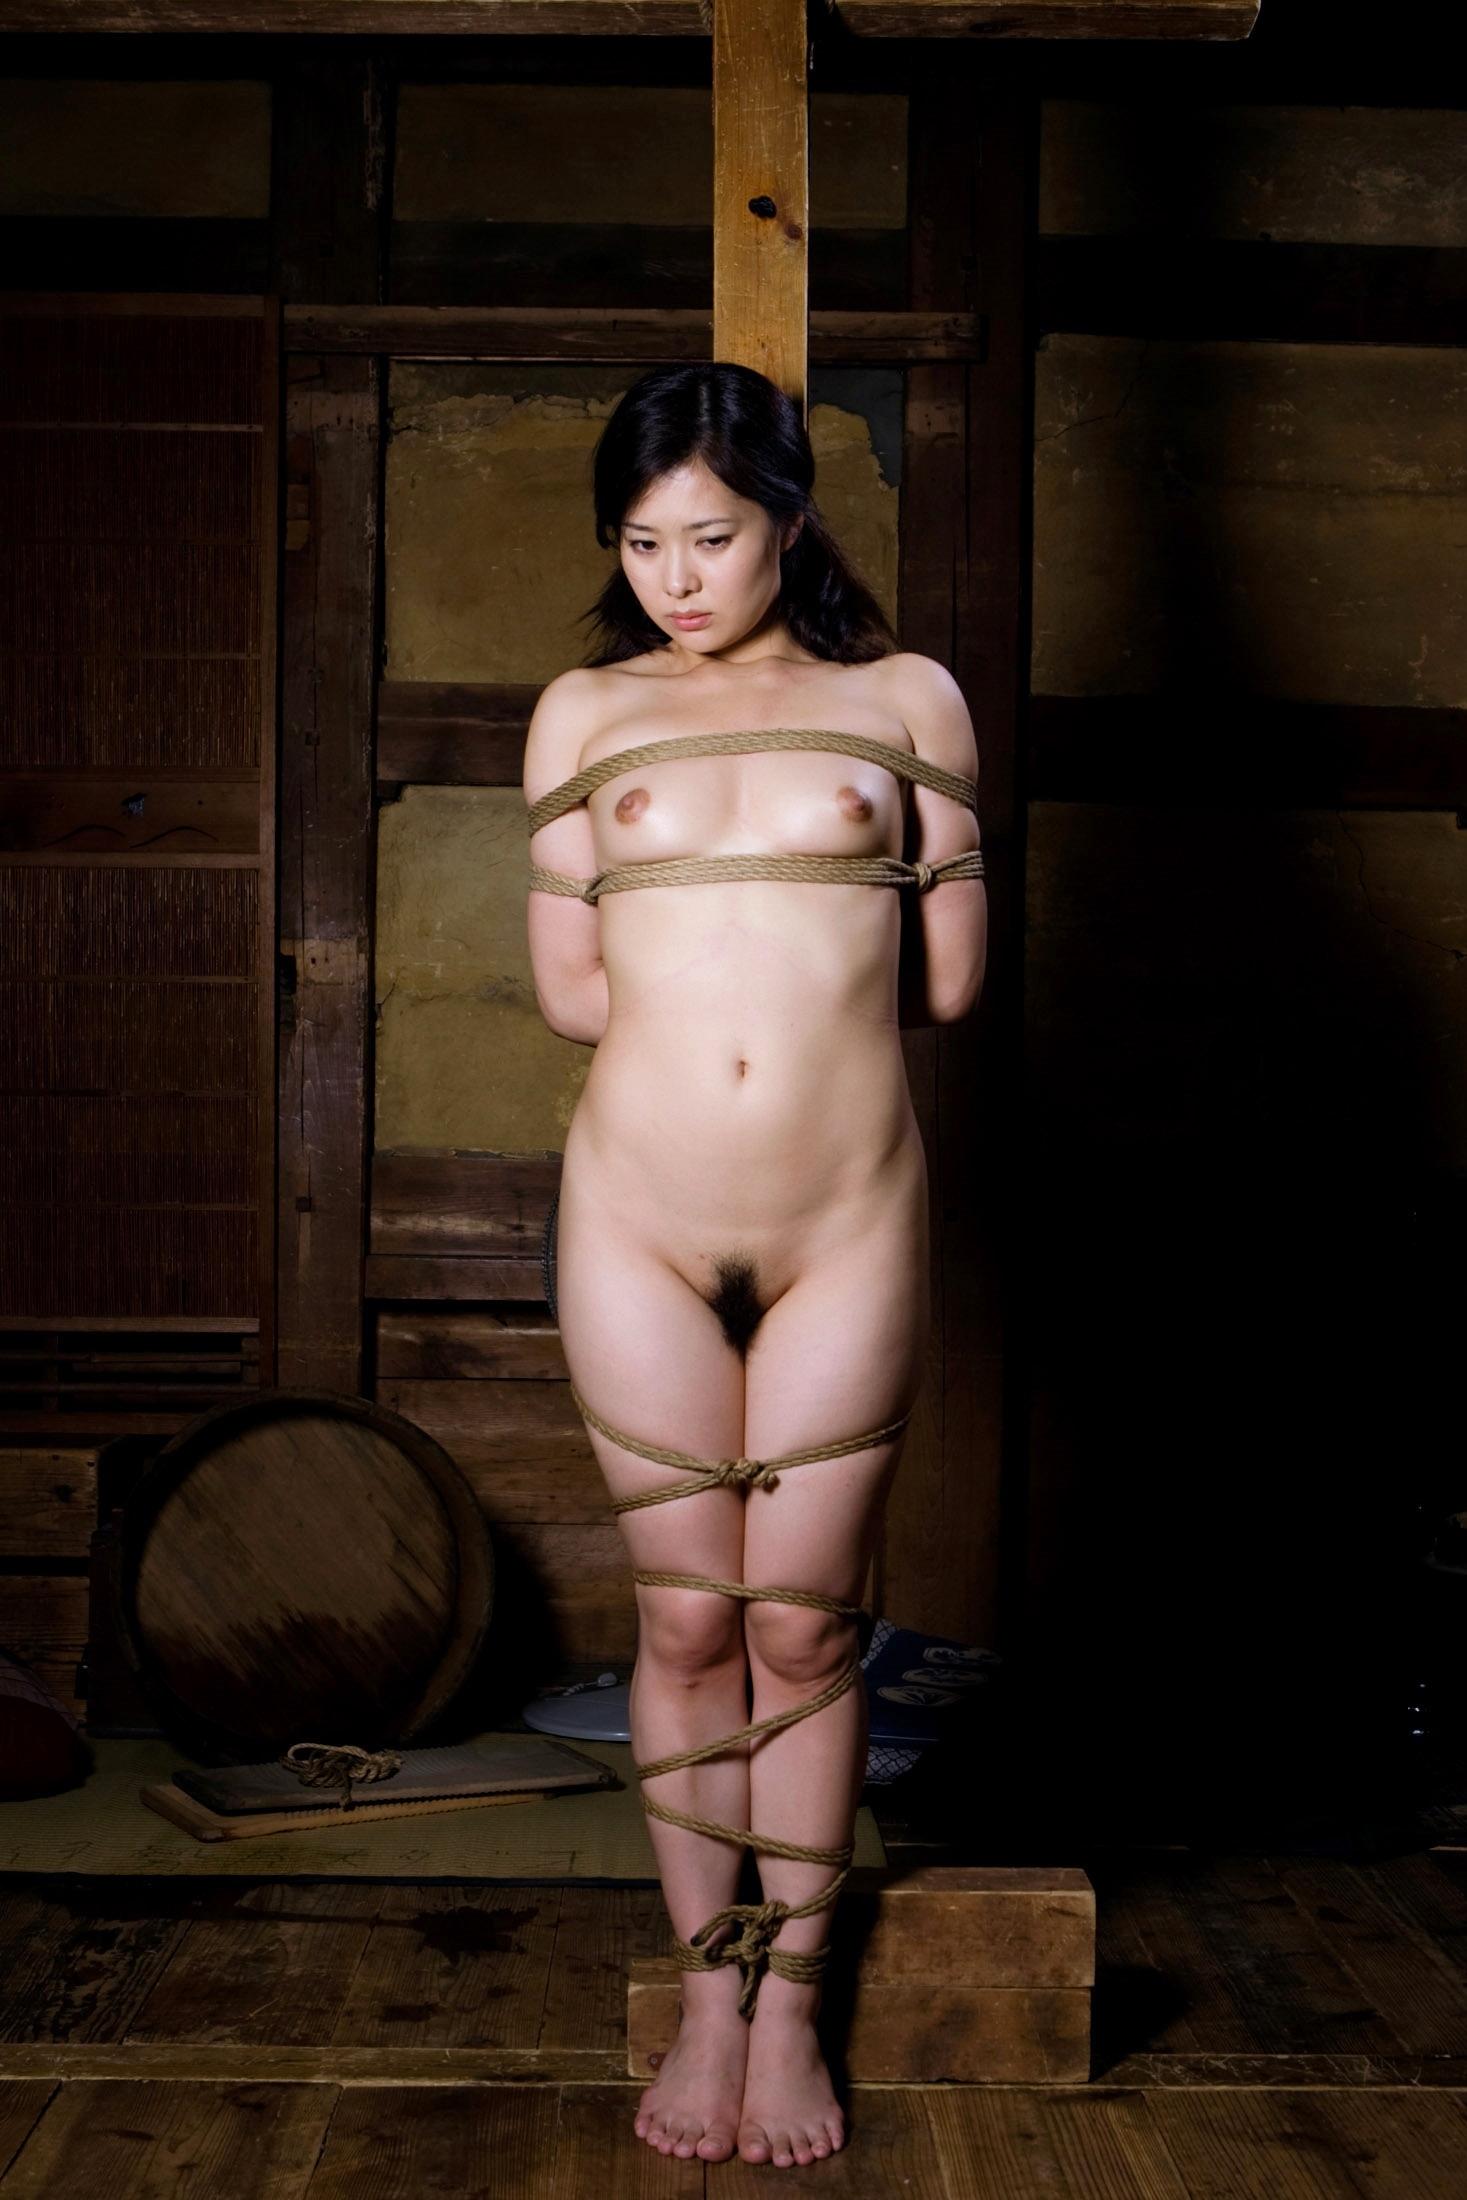 tumblr Yuu kawakami 緊縛 bondage